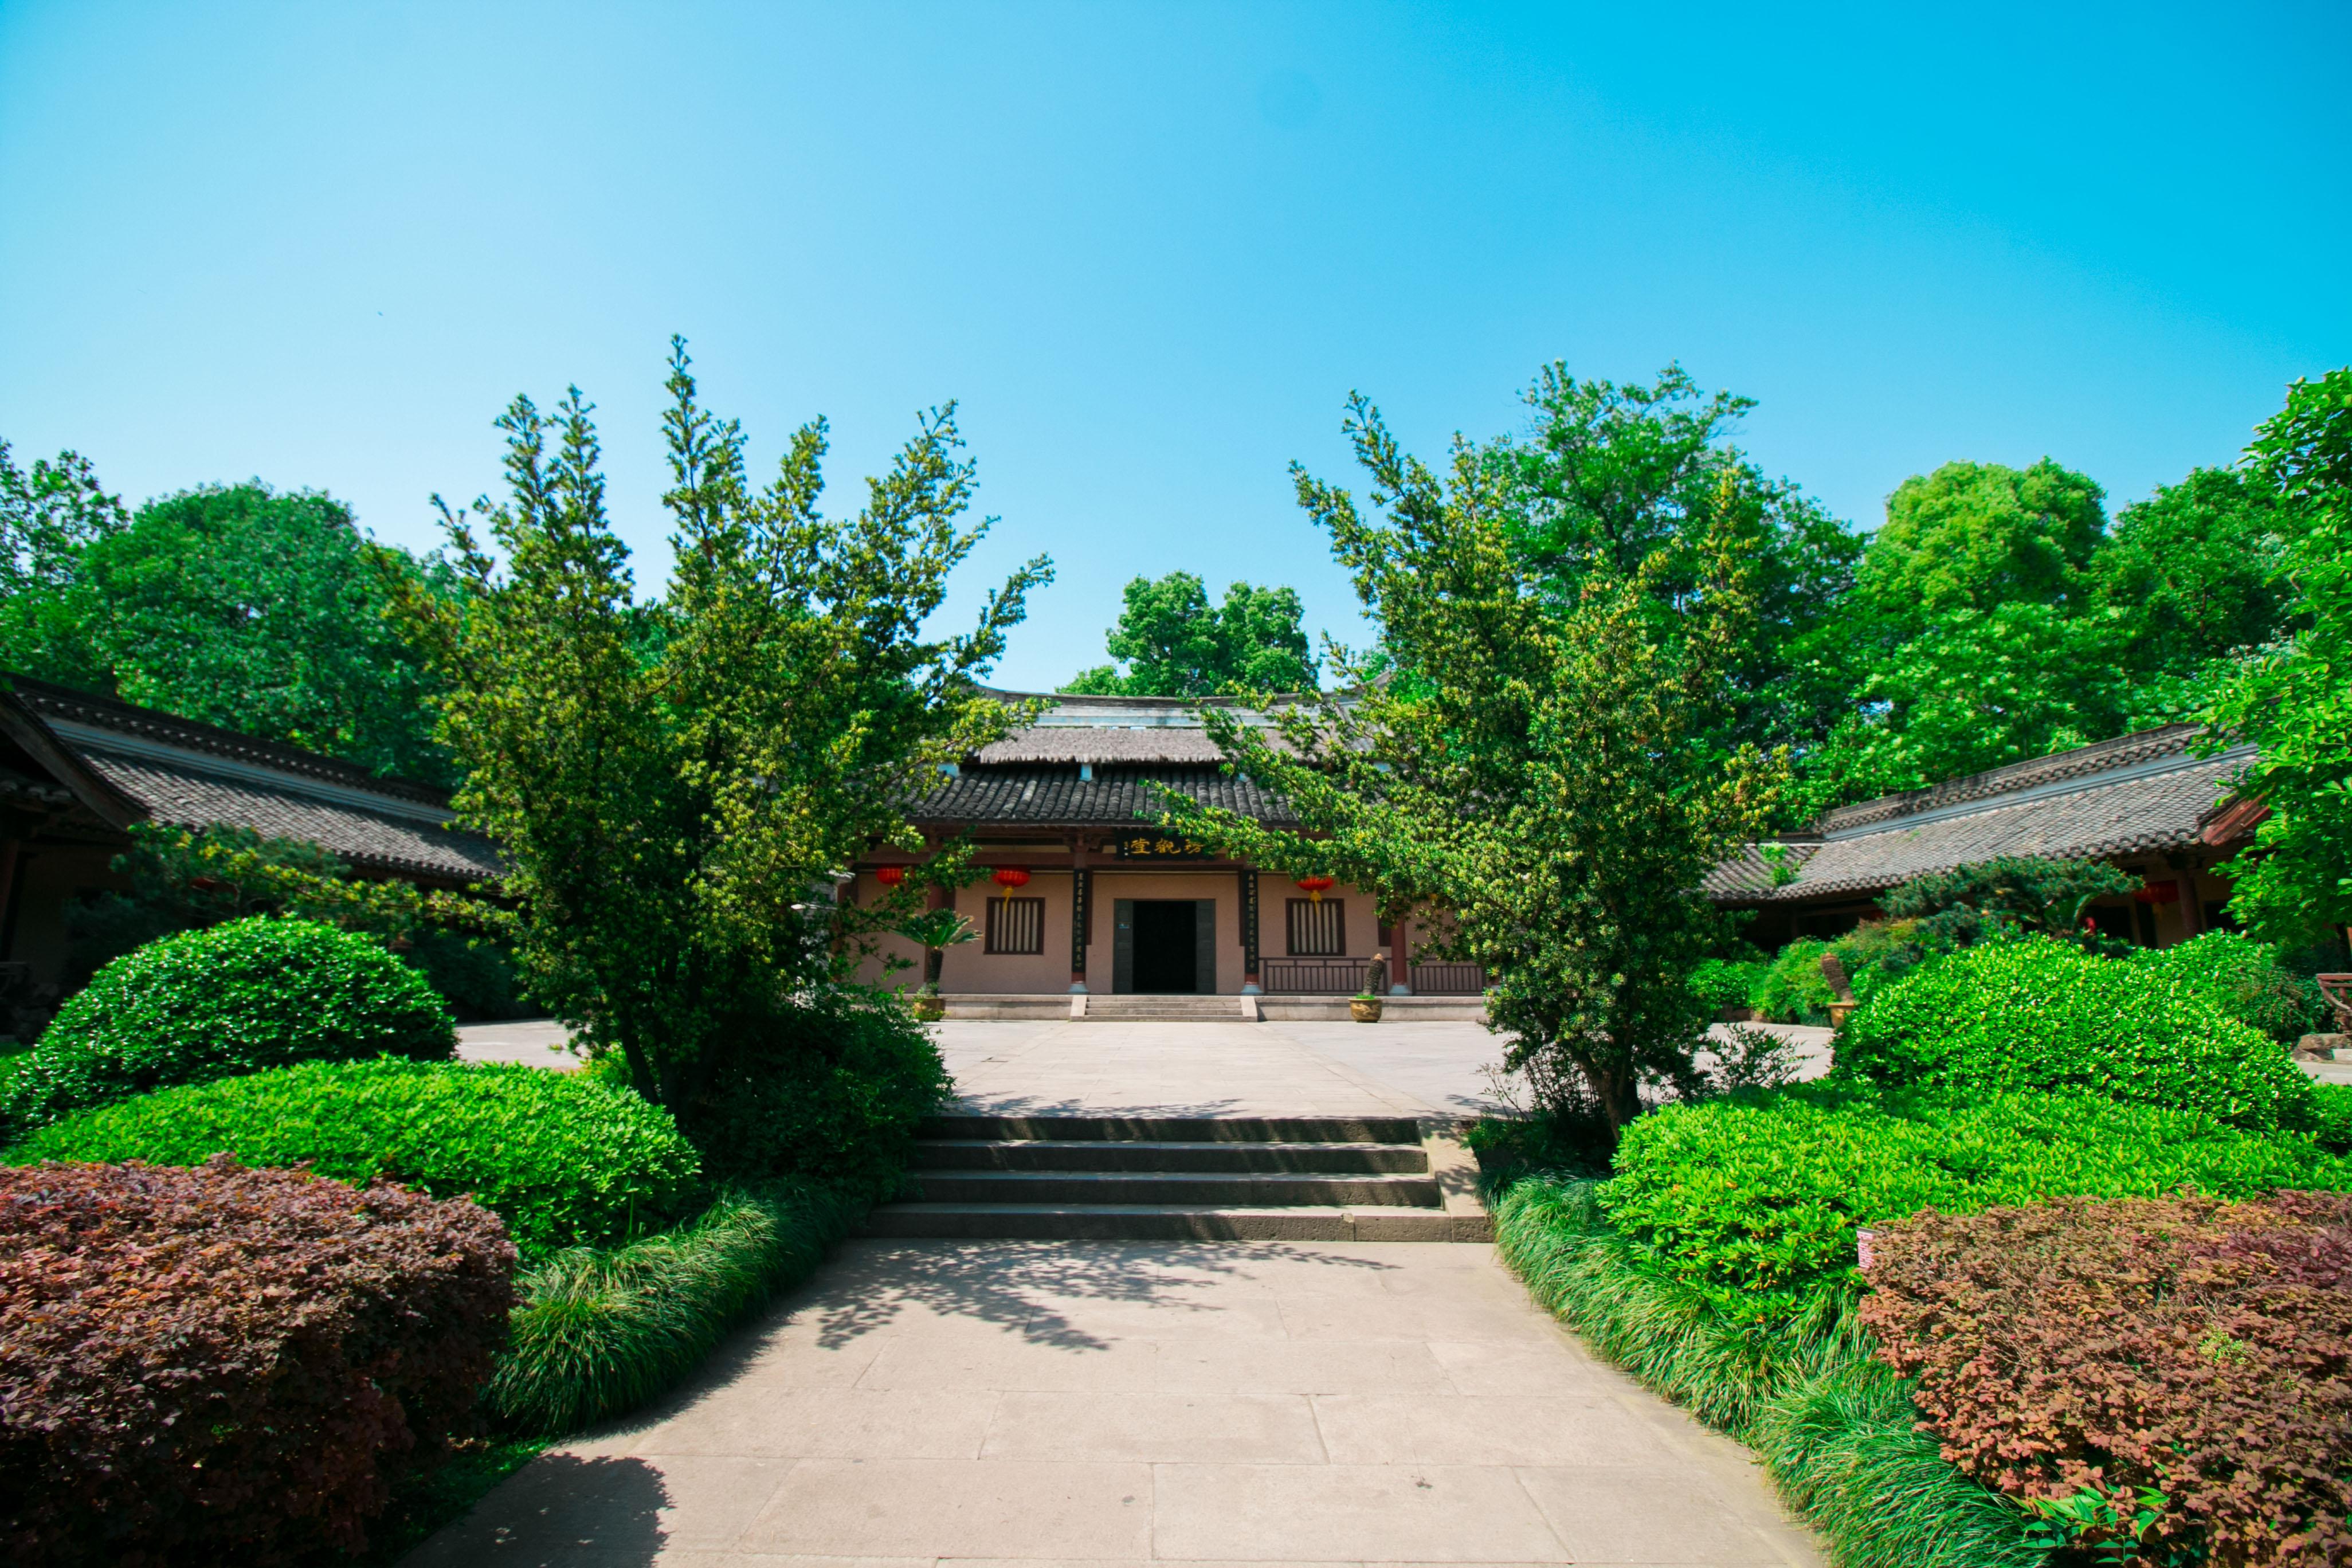 Shen Garden